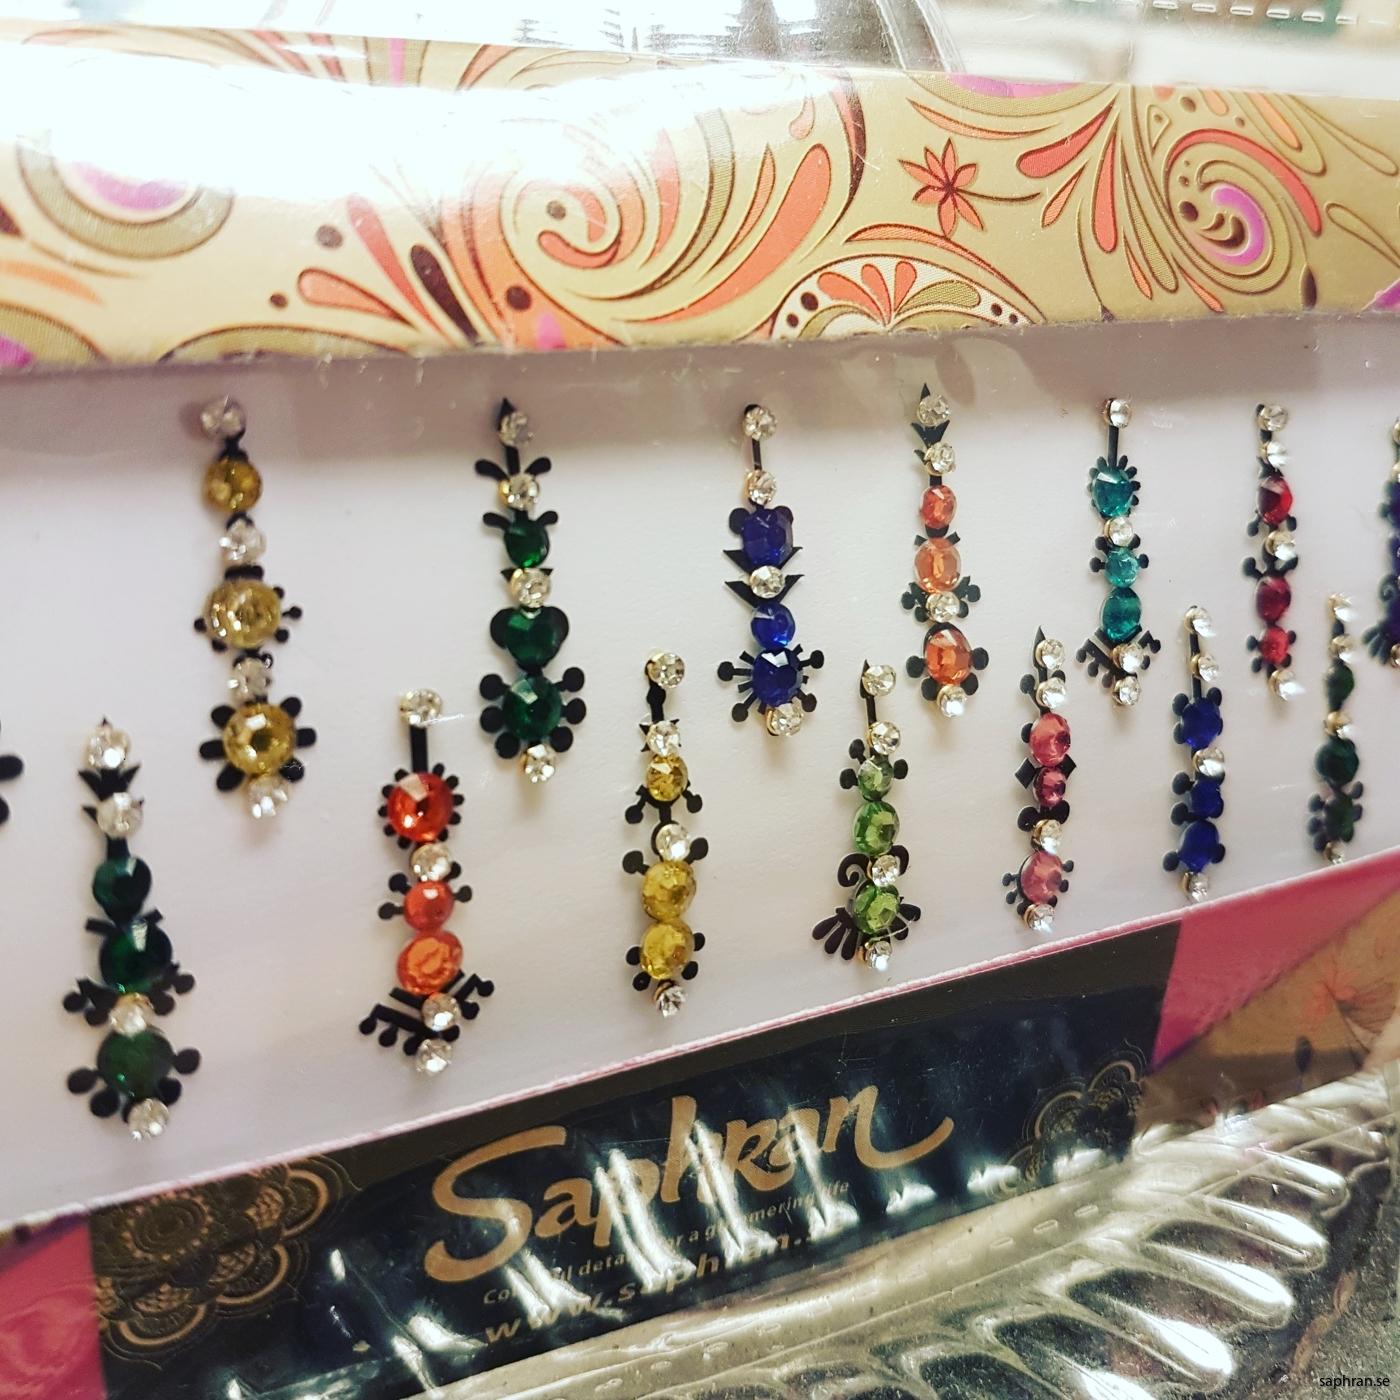 Ett multifärgat orientaliskt/indiskt smycke med silverdetaljer för fest